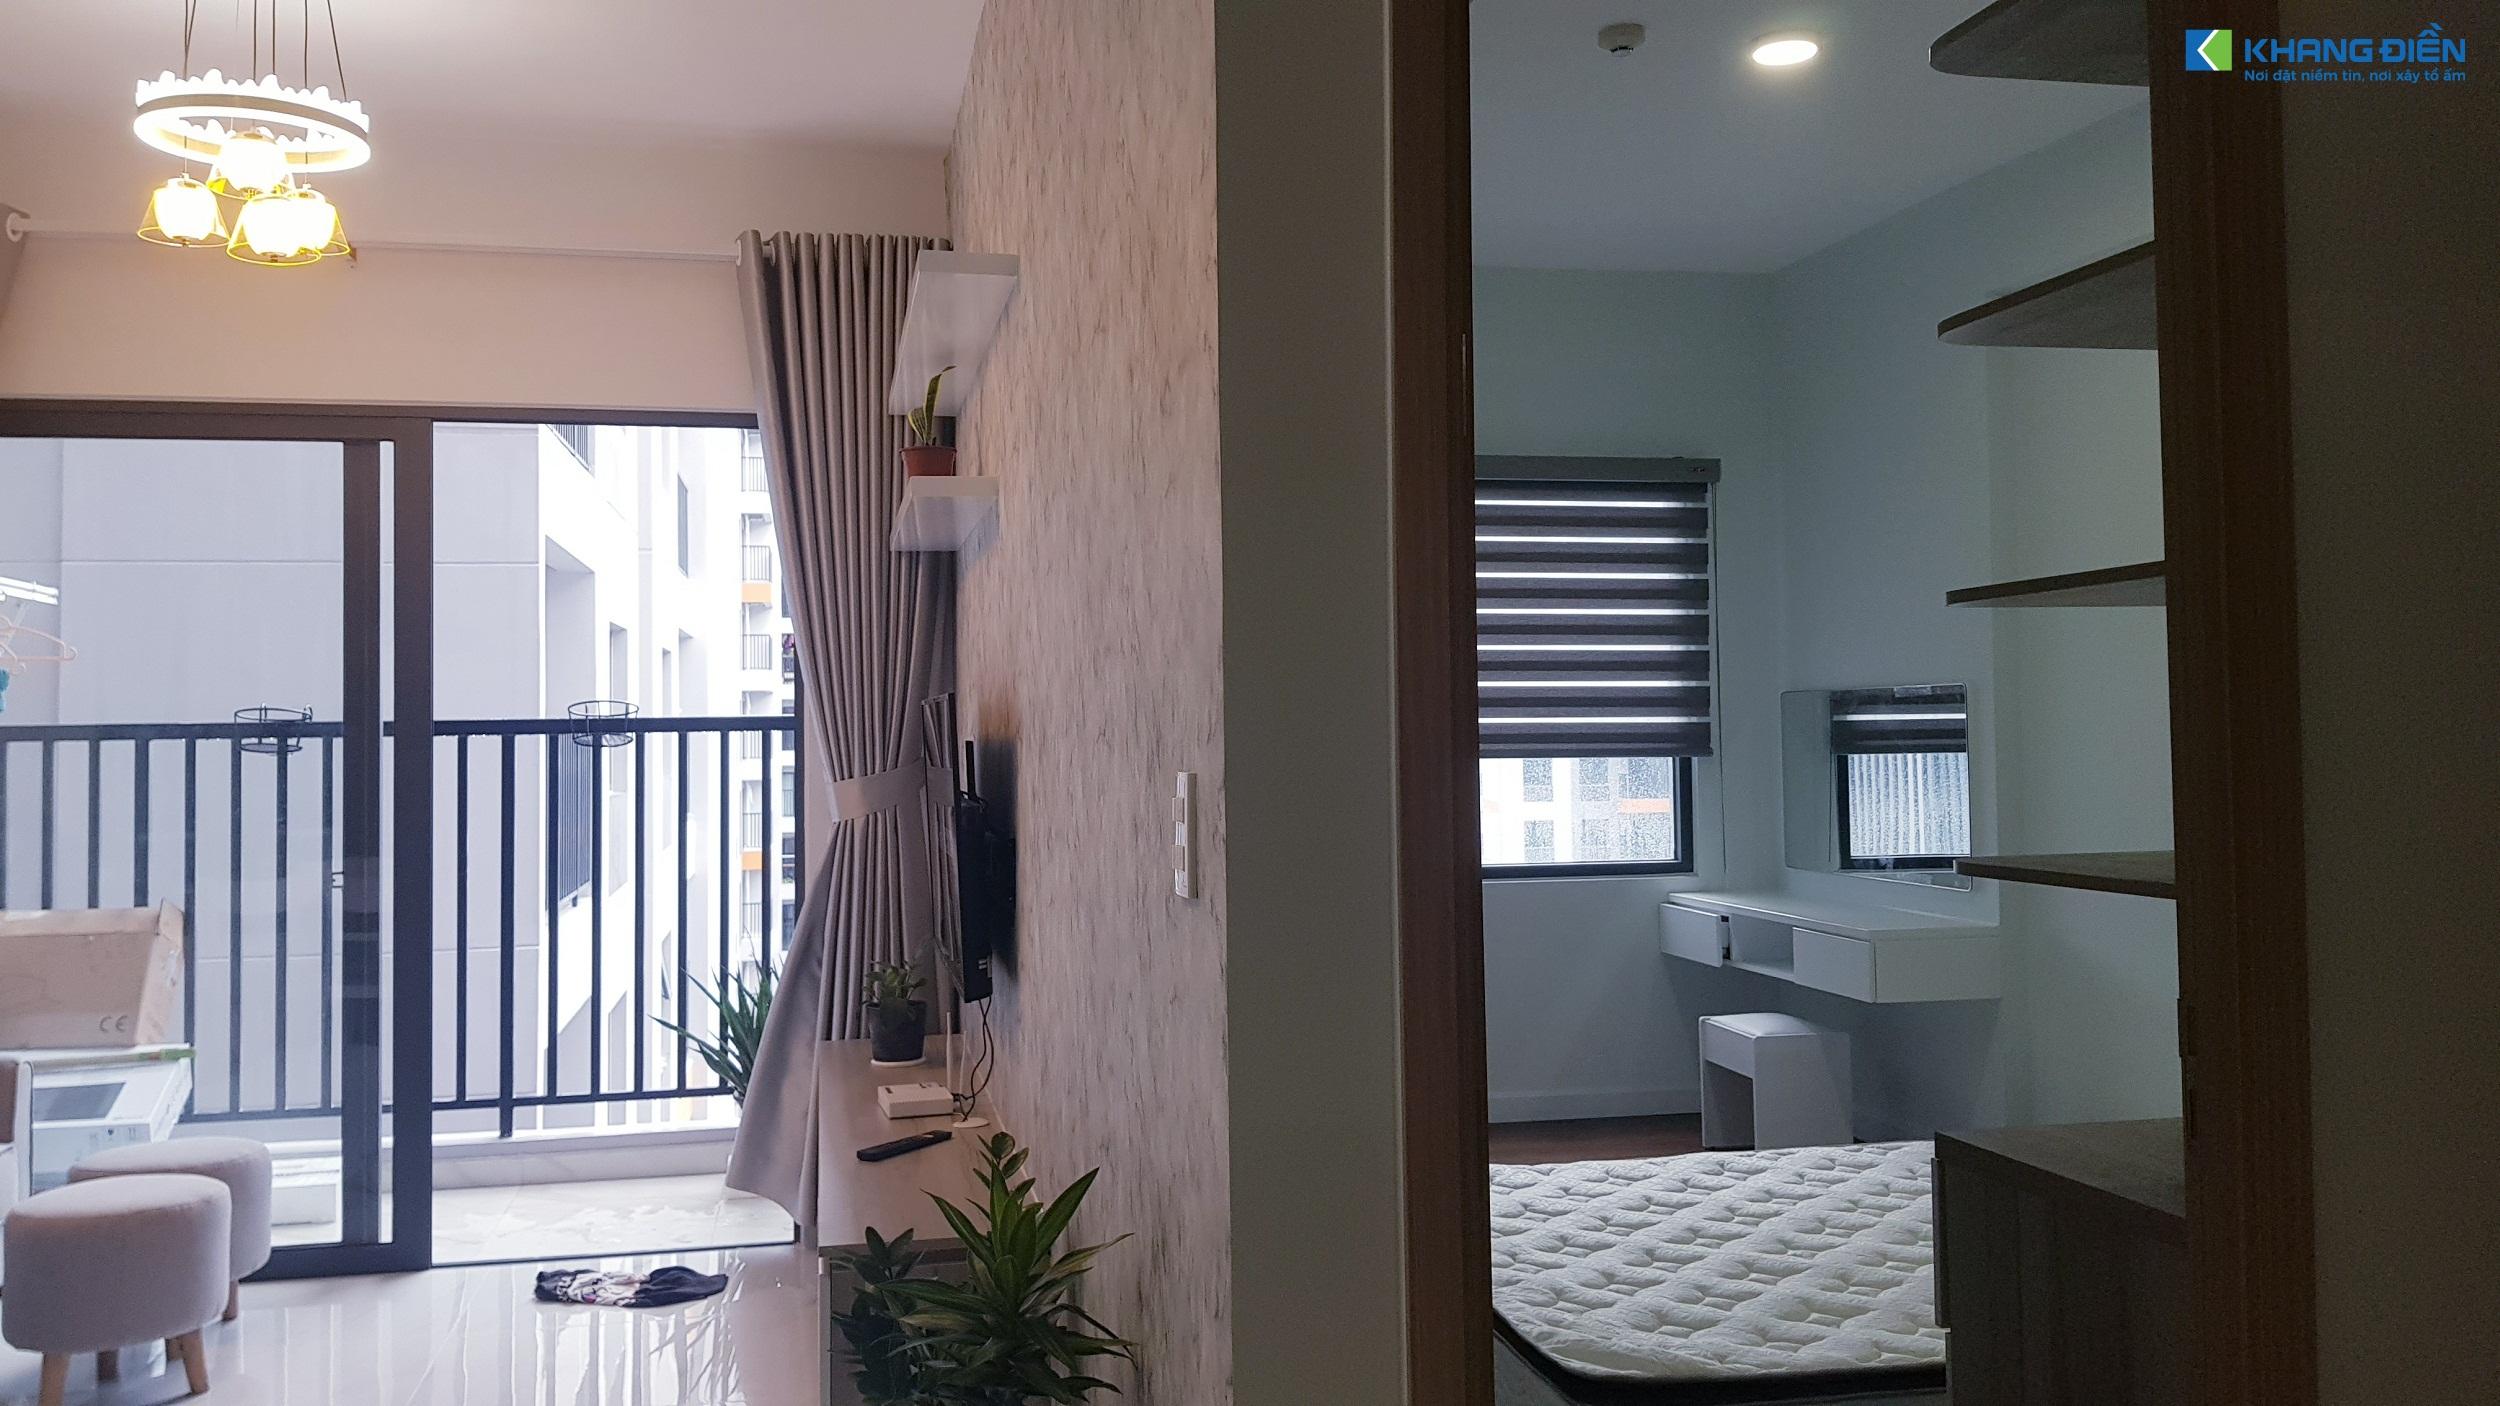 Một góc khác giữa Phòng Khách và Phòng Ngủ - Khang Điền HCM